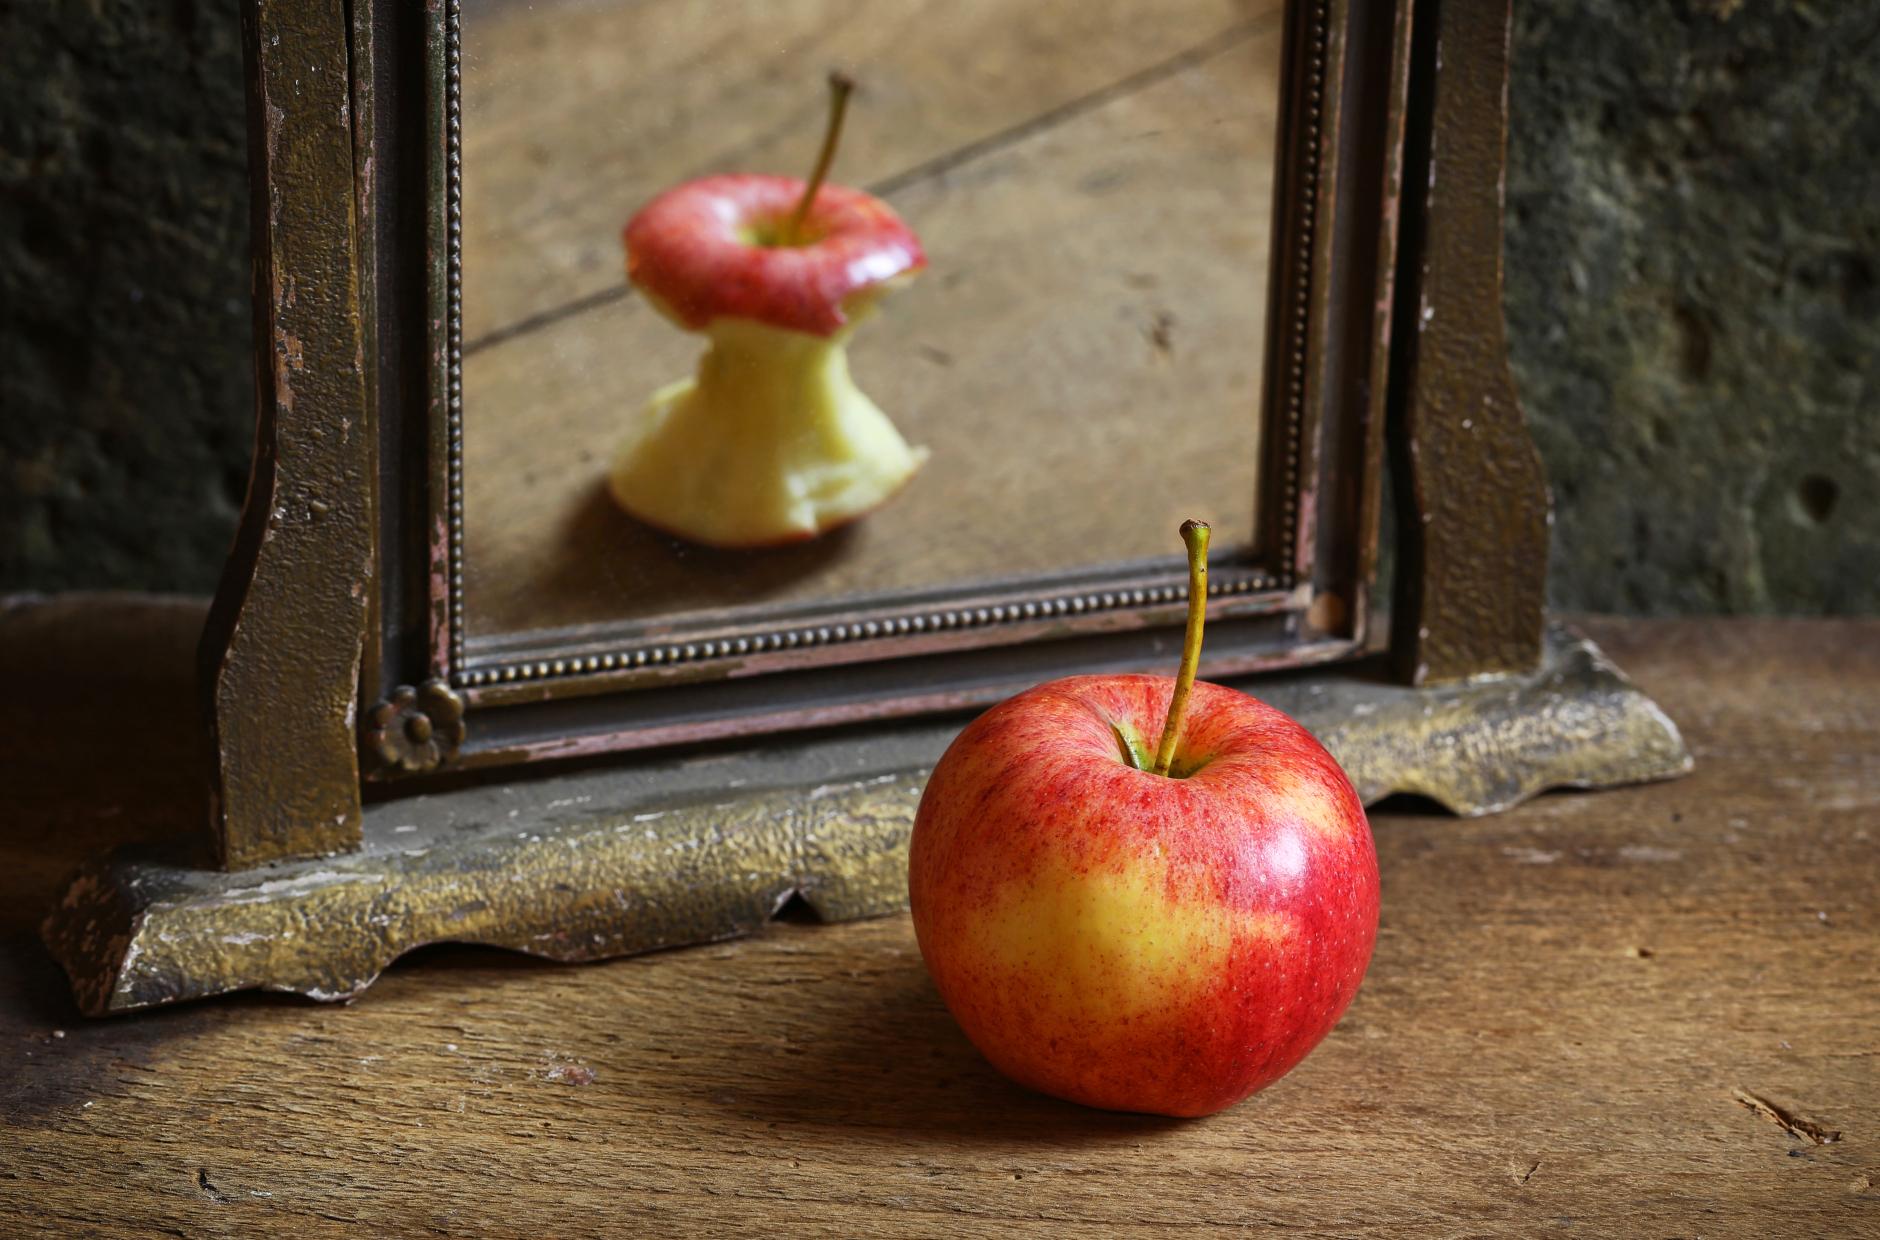 яблоко с отражением огрызка